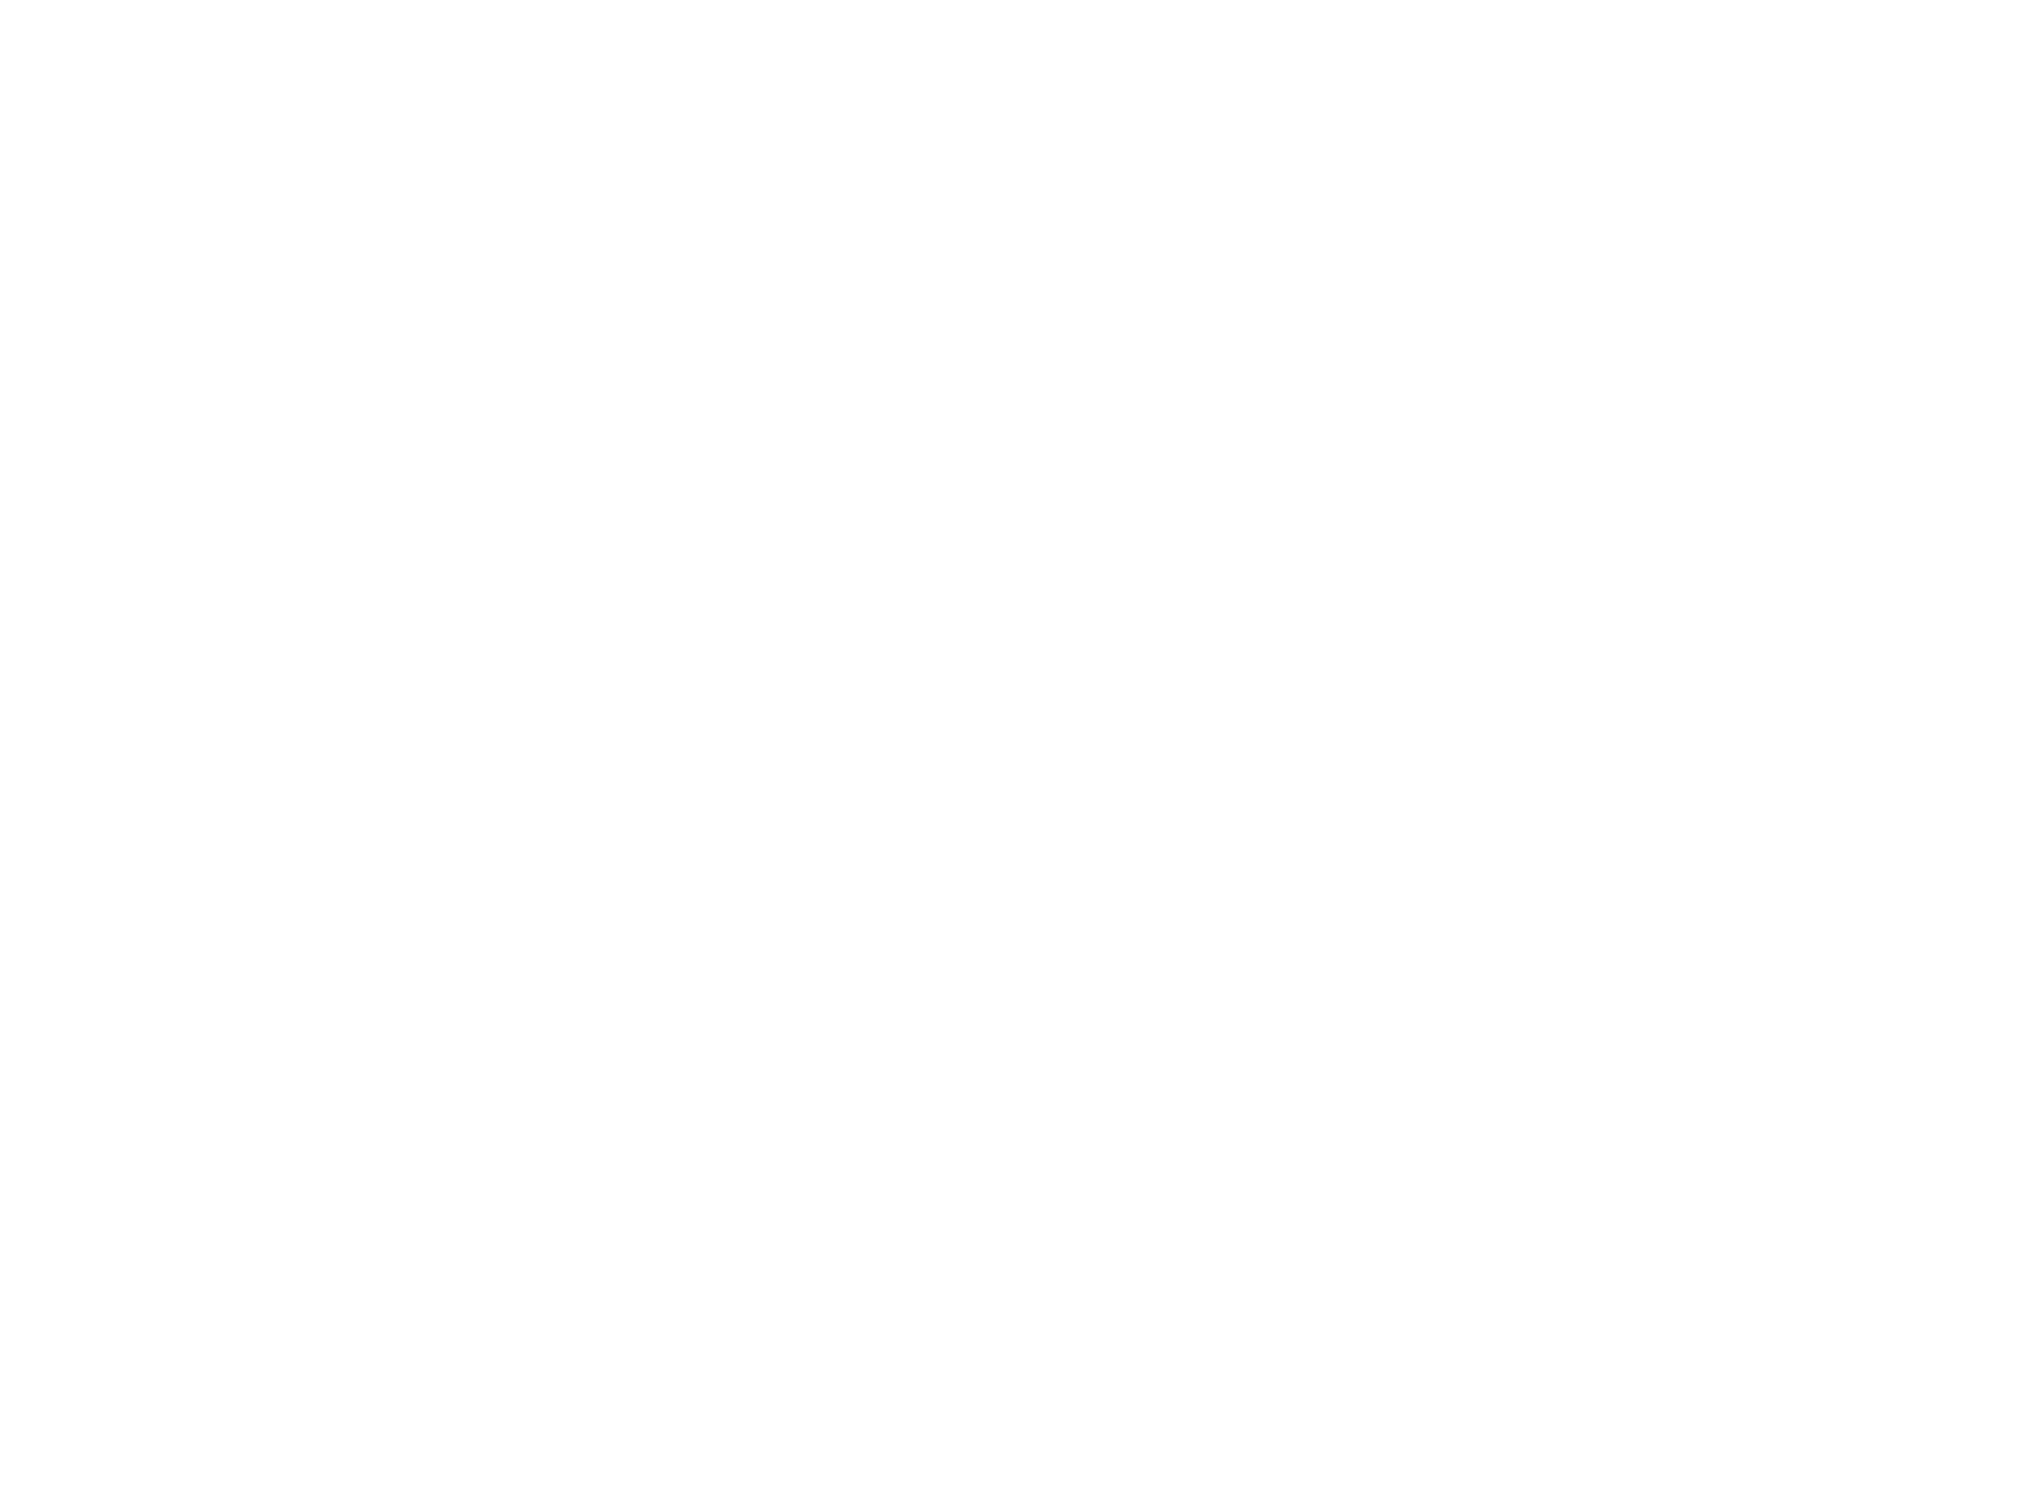 Canvas Graphic Design Studio logo